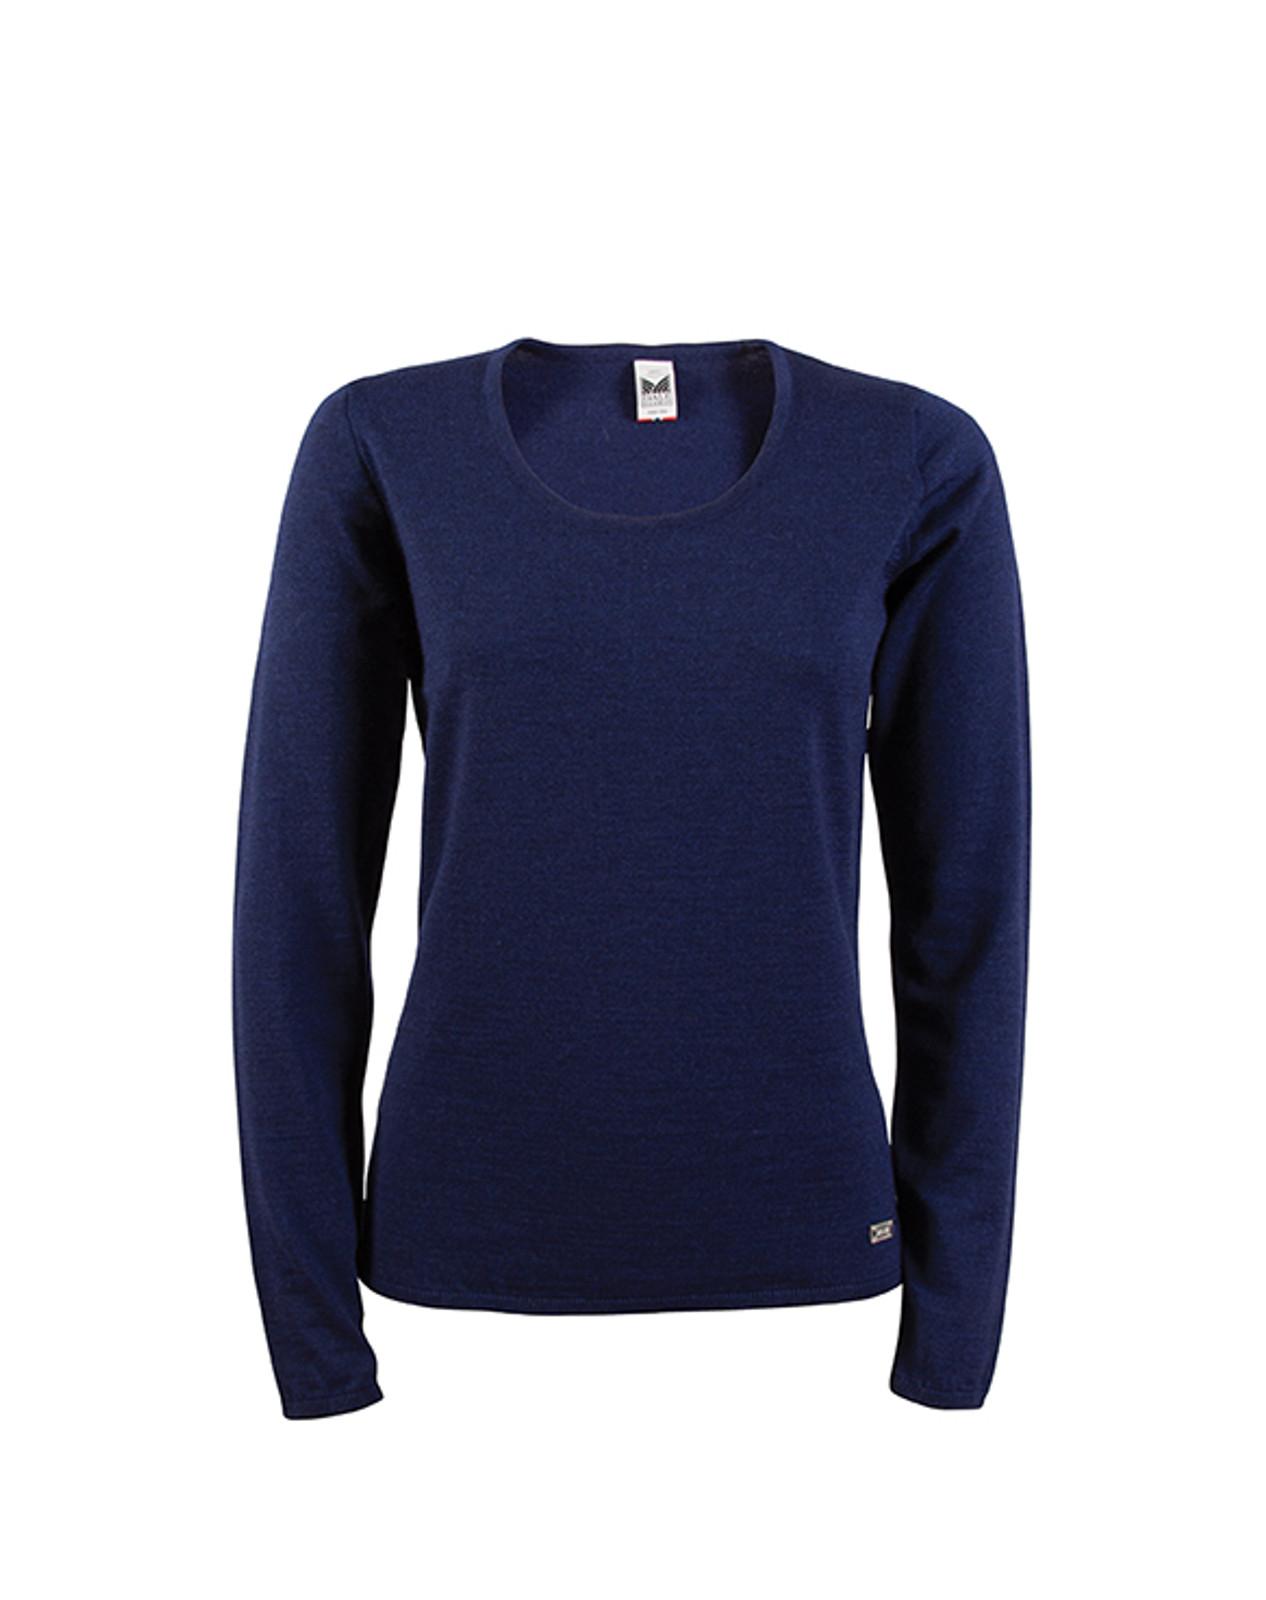 Dale of Norway, Astrid ladies sweater in Navy Mel, 92432-C